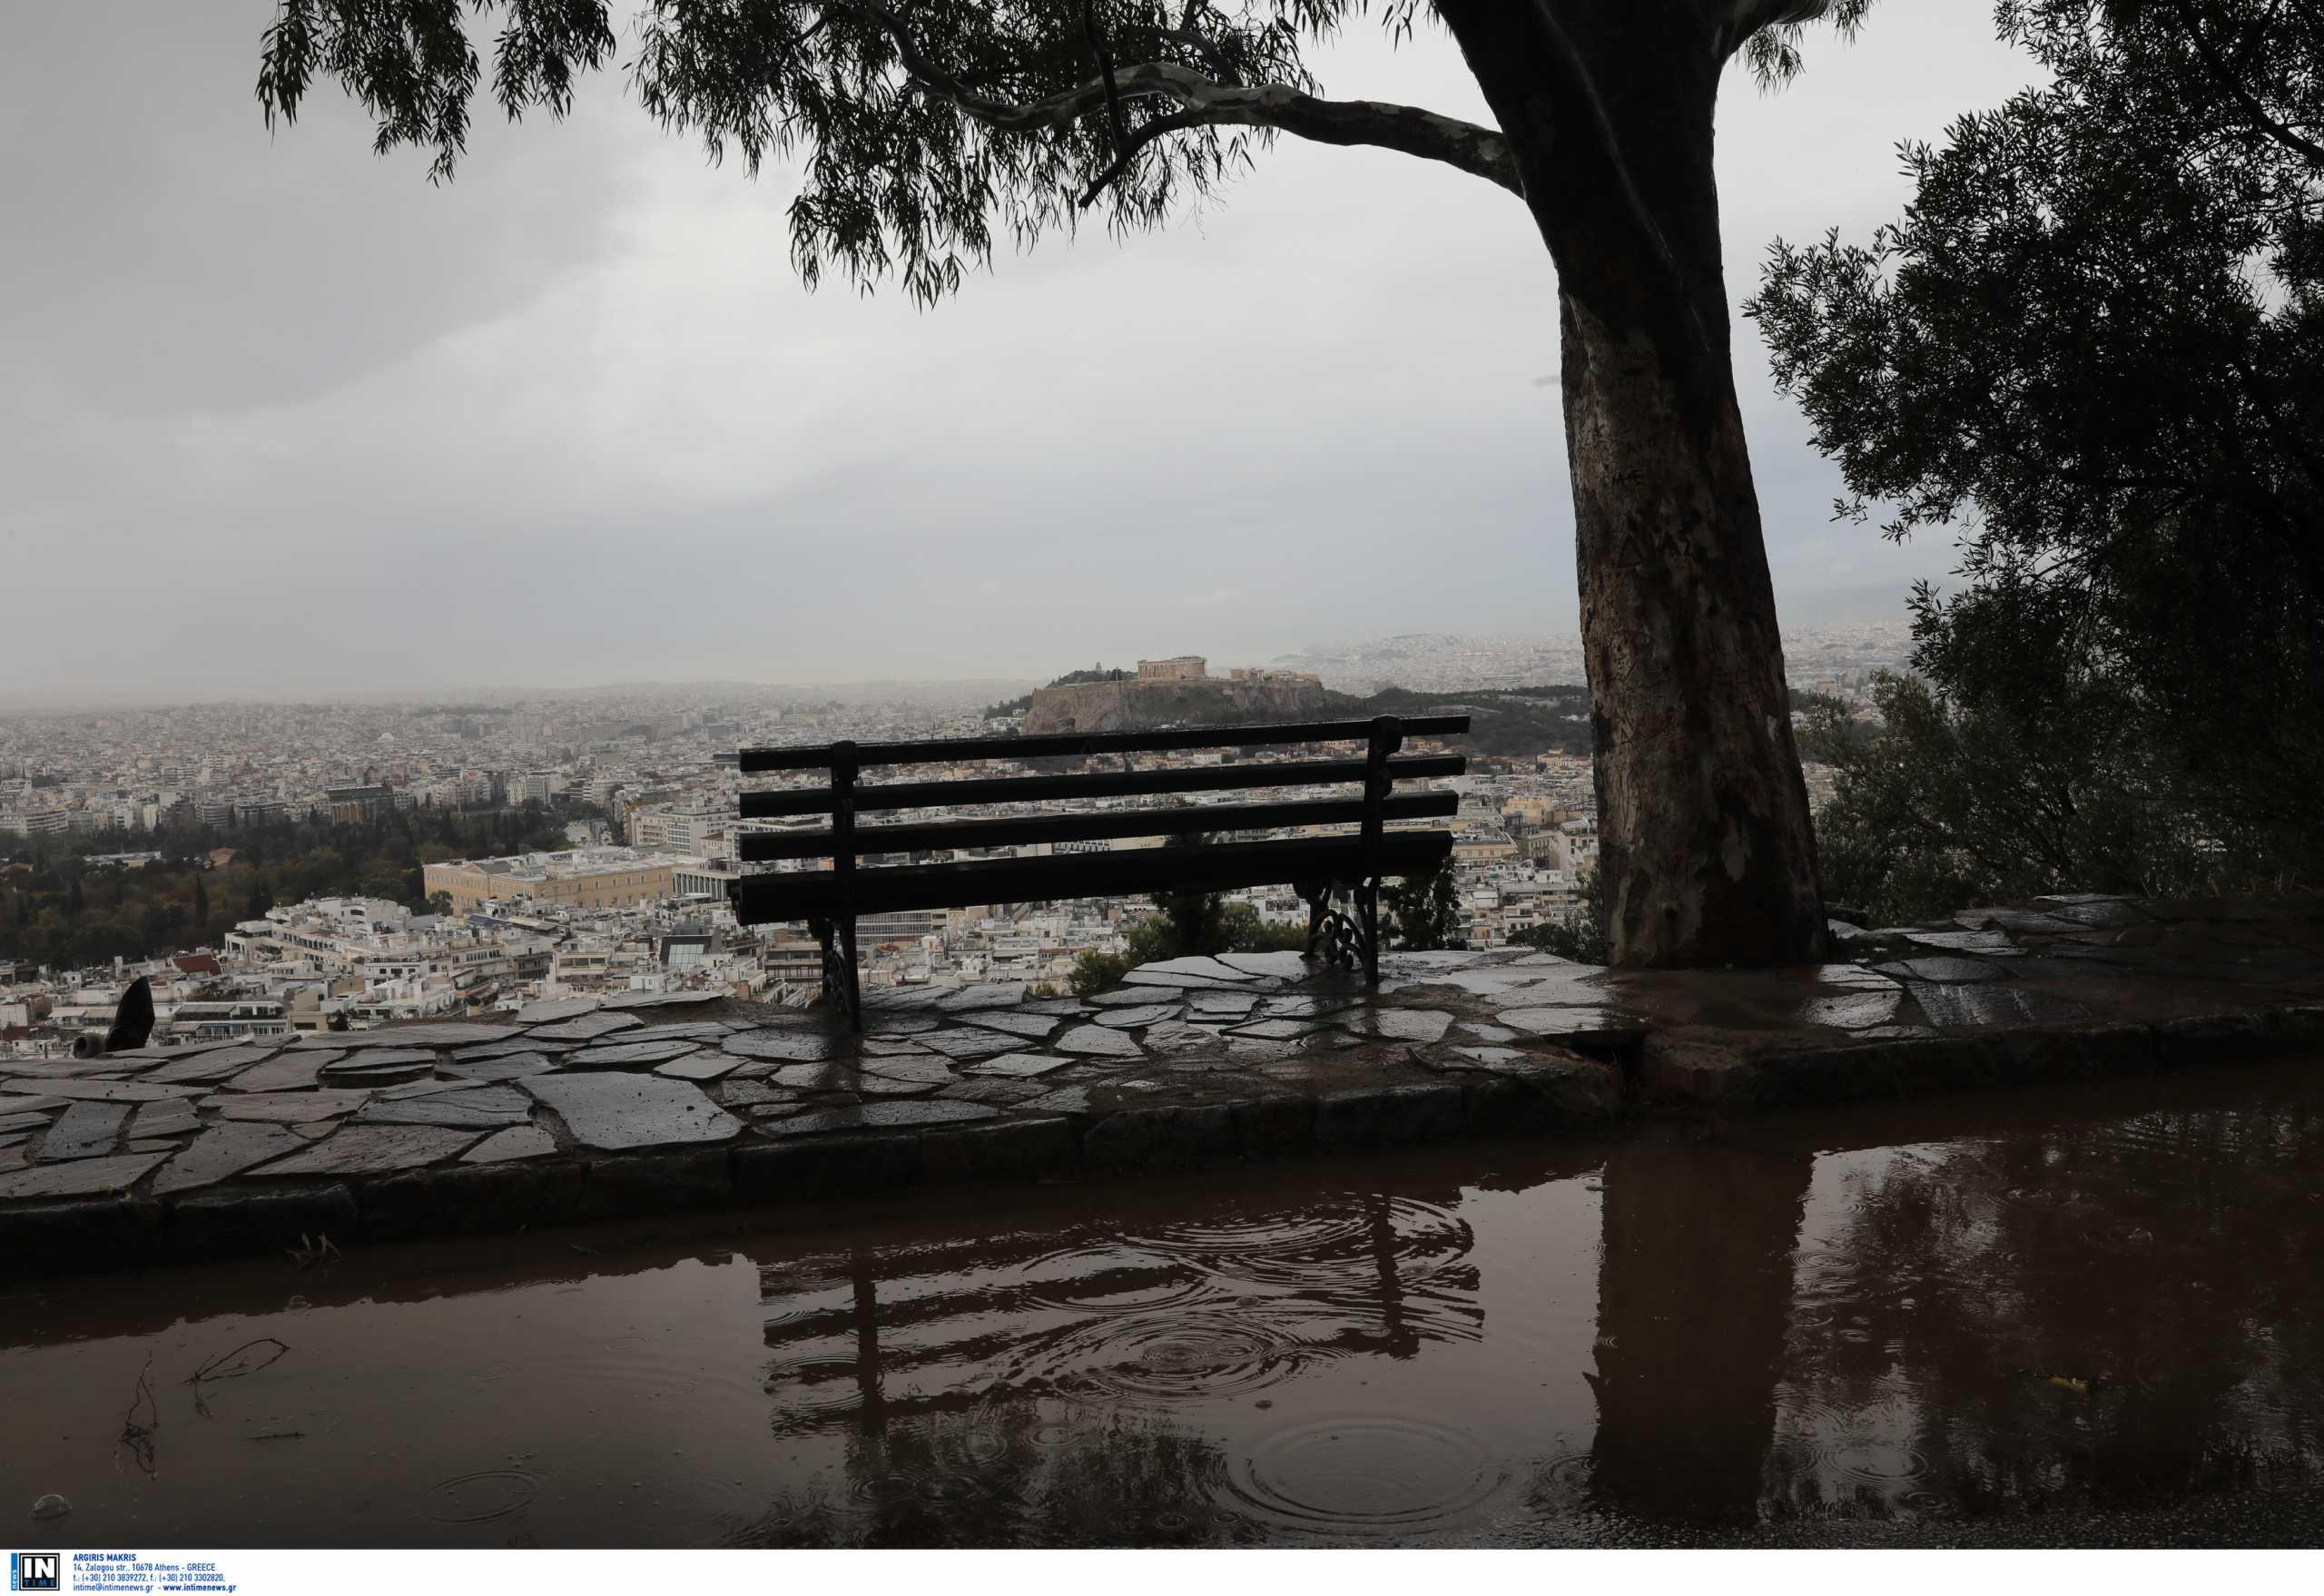 Καιρός: Βροχερή Κυριακή με χιόνια στα ορεινά και μποφόρ στο Αιγαίο